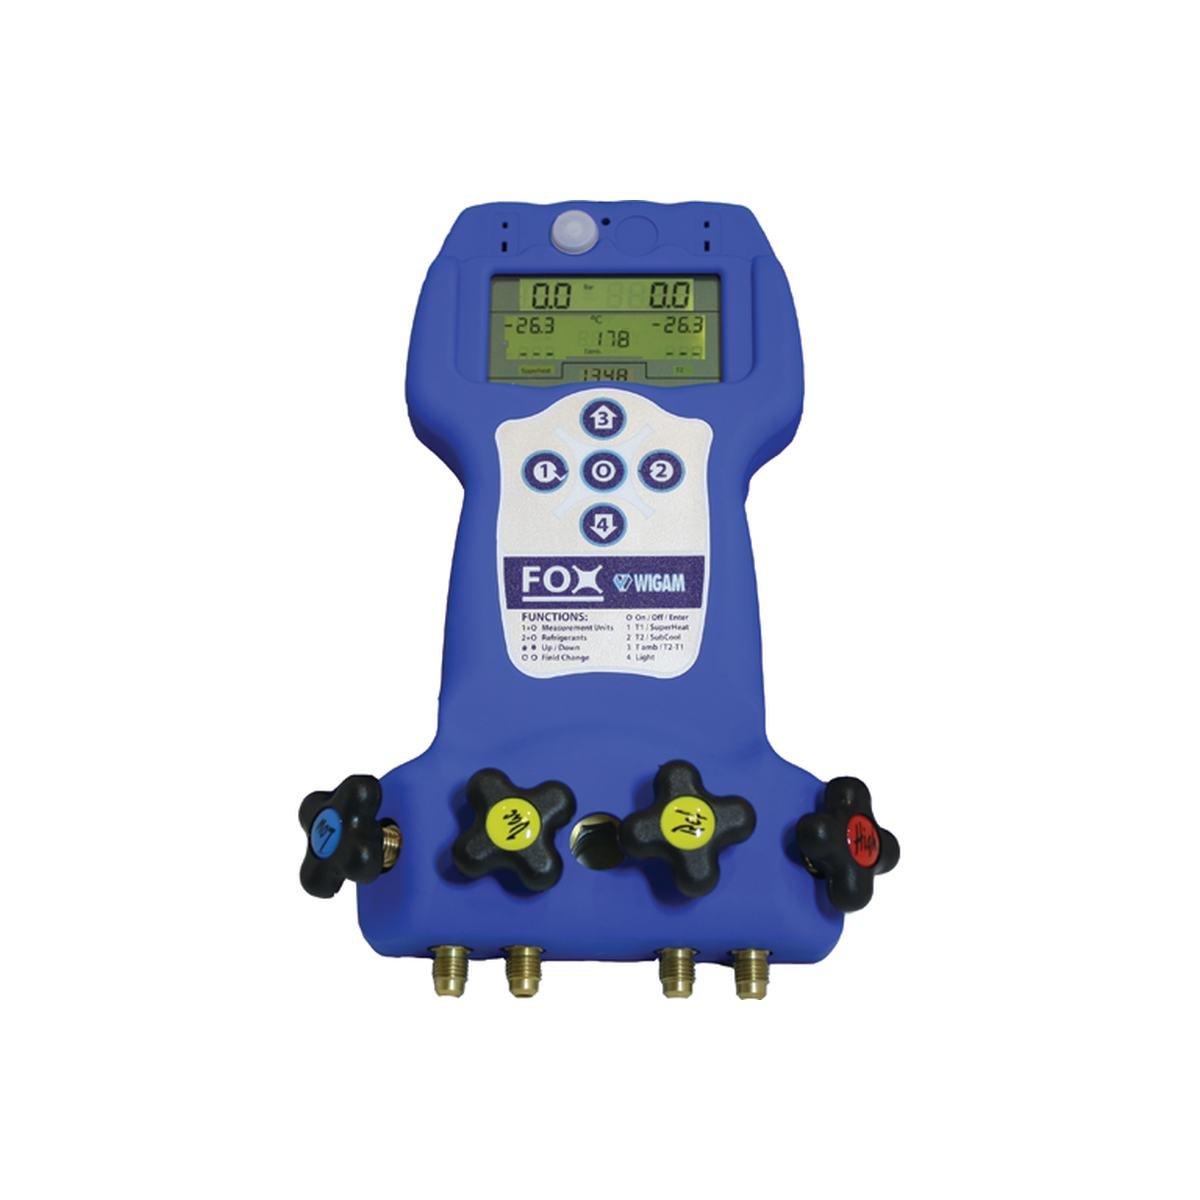 Digitalt manometersæt Fox 100